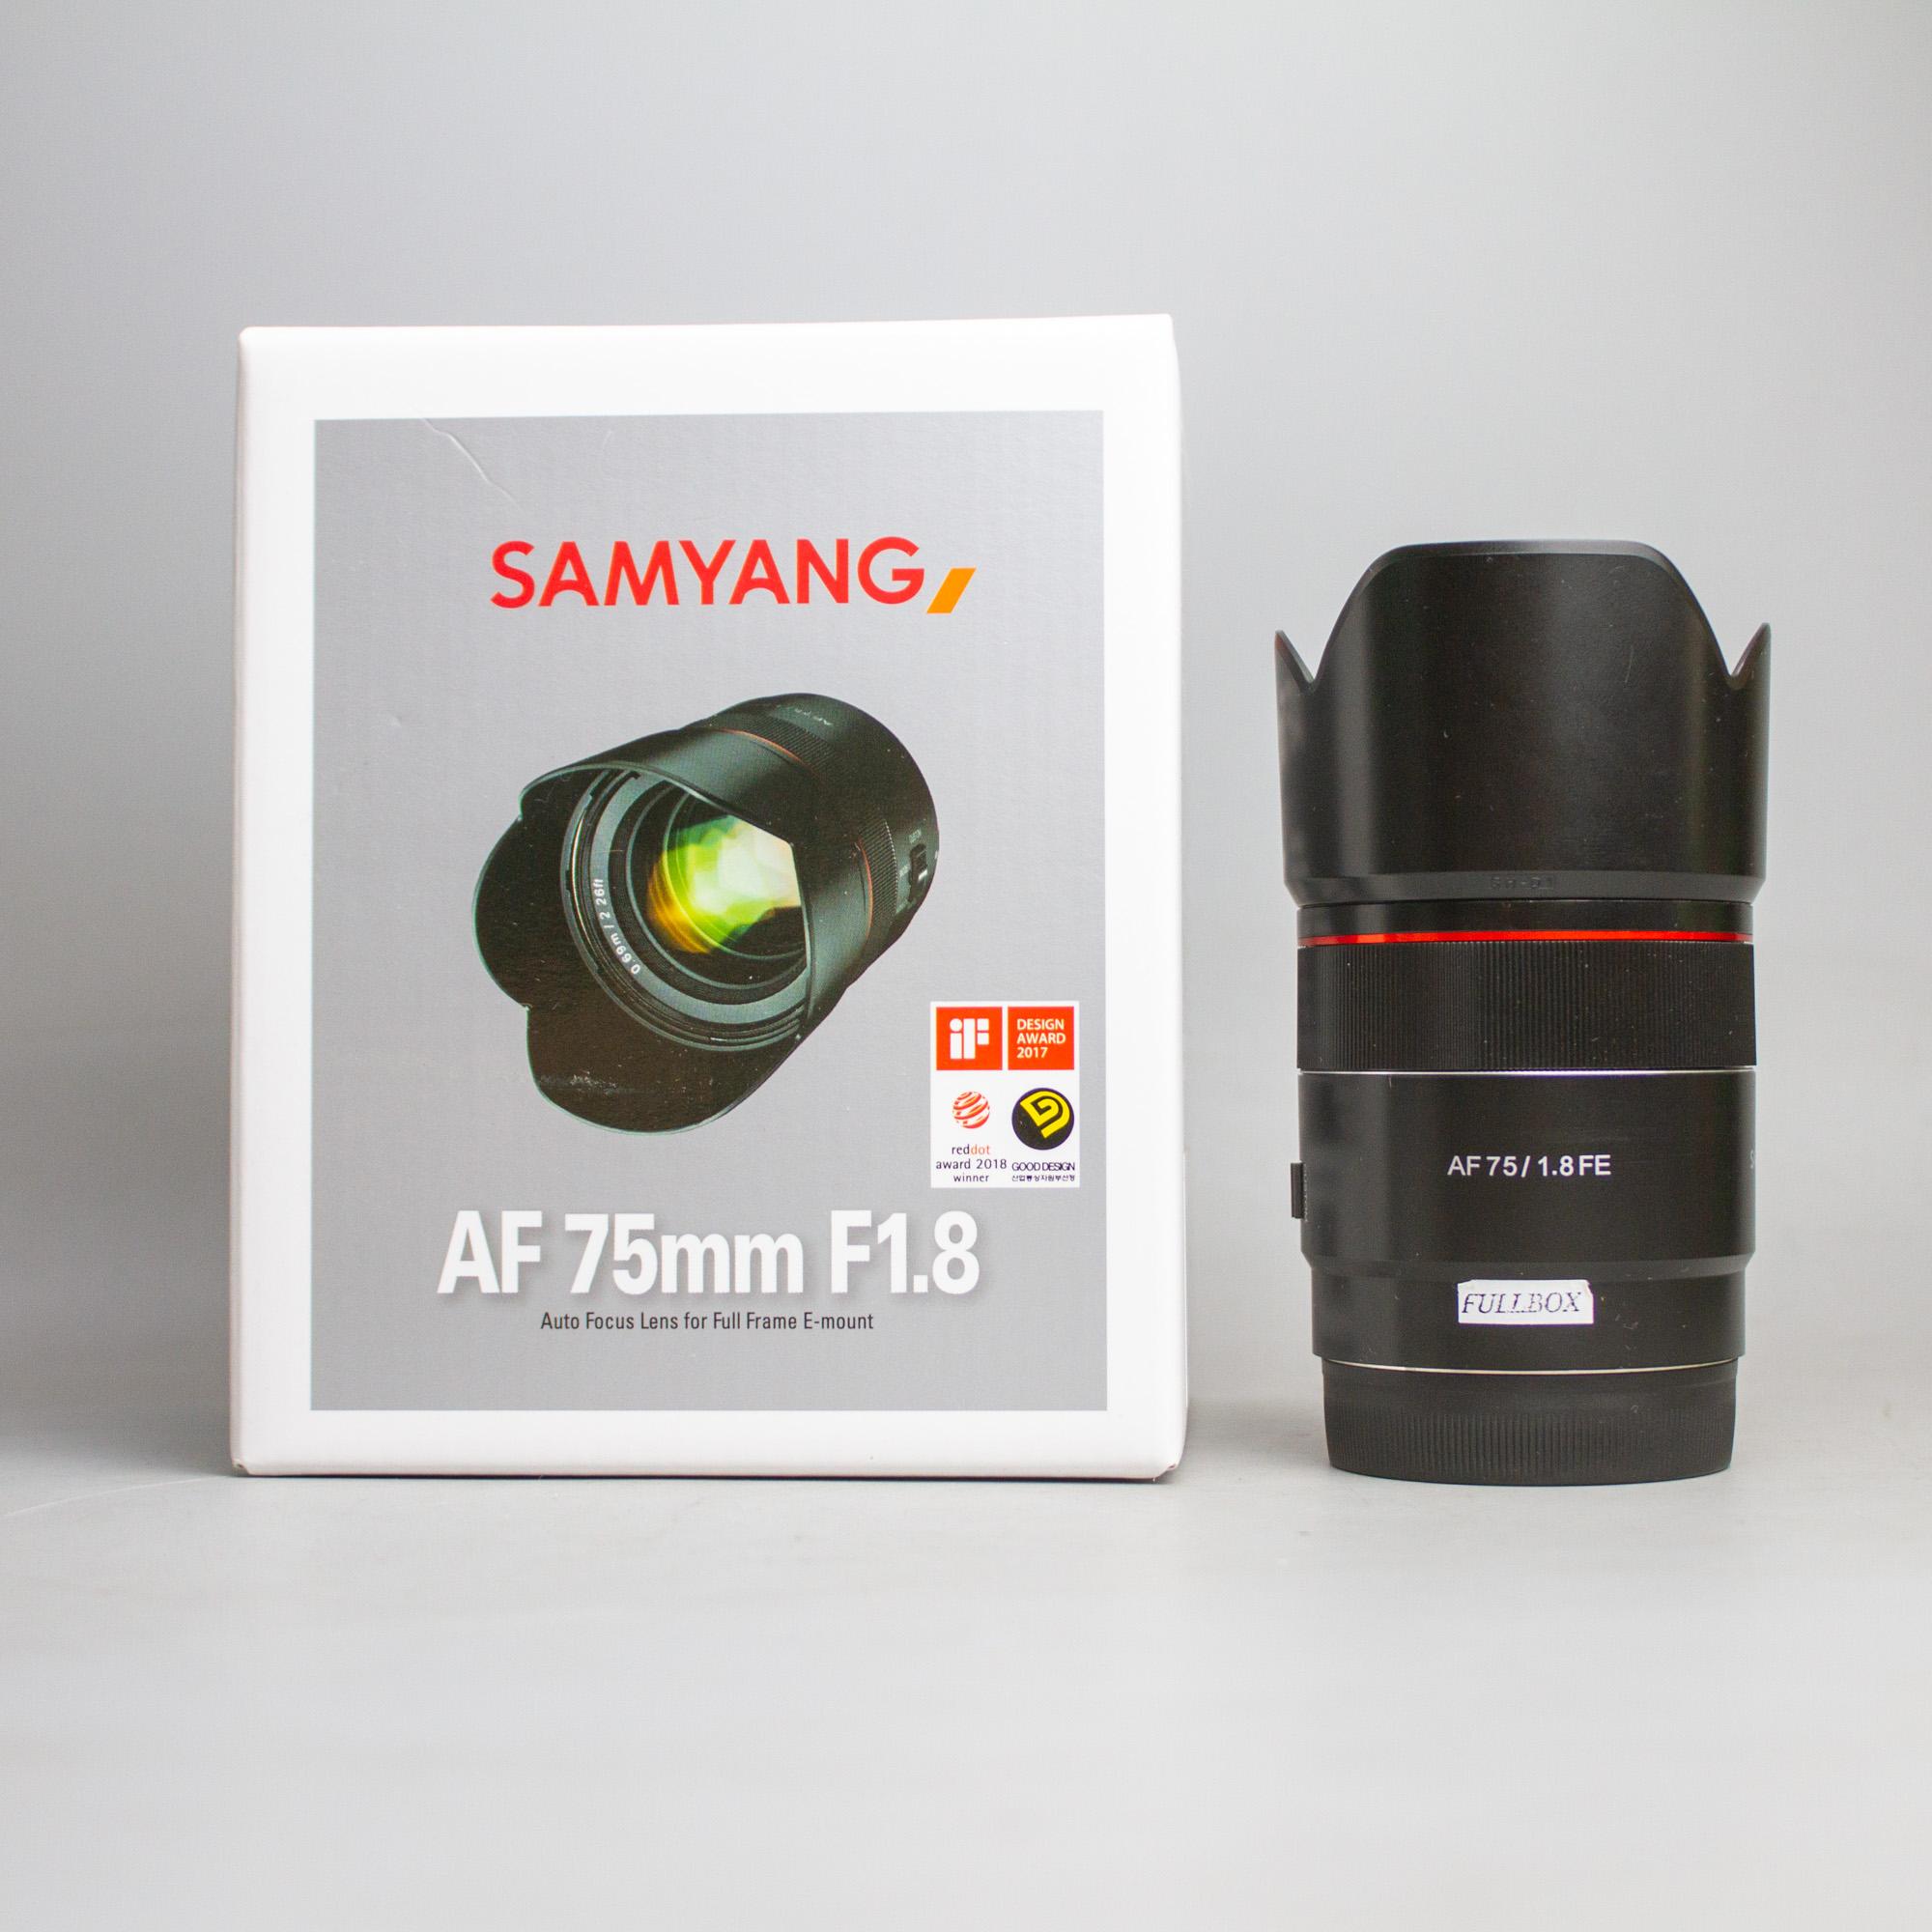 rokinon-samyang-75mm-f1-8-fe-fullbox-75-1-8-18795